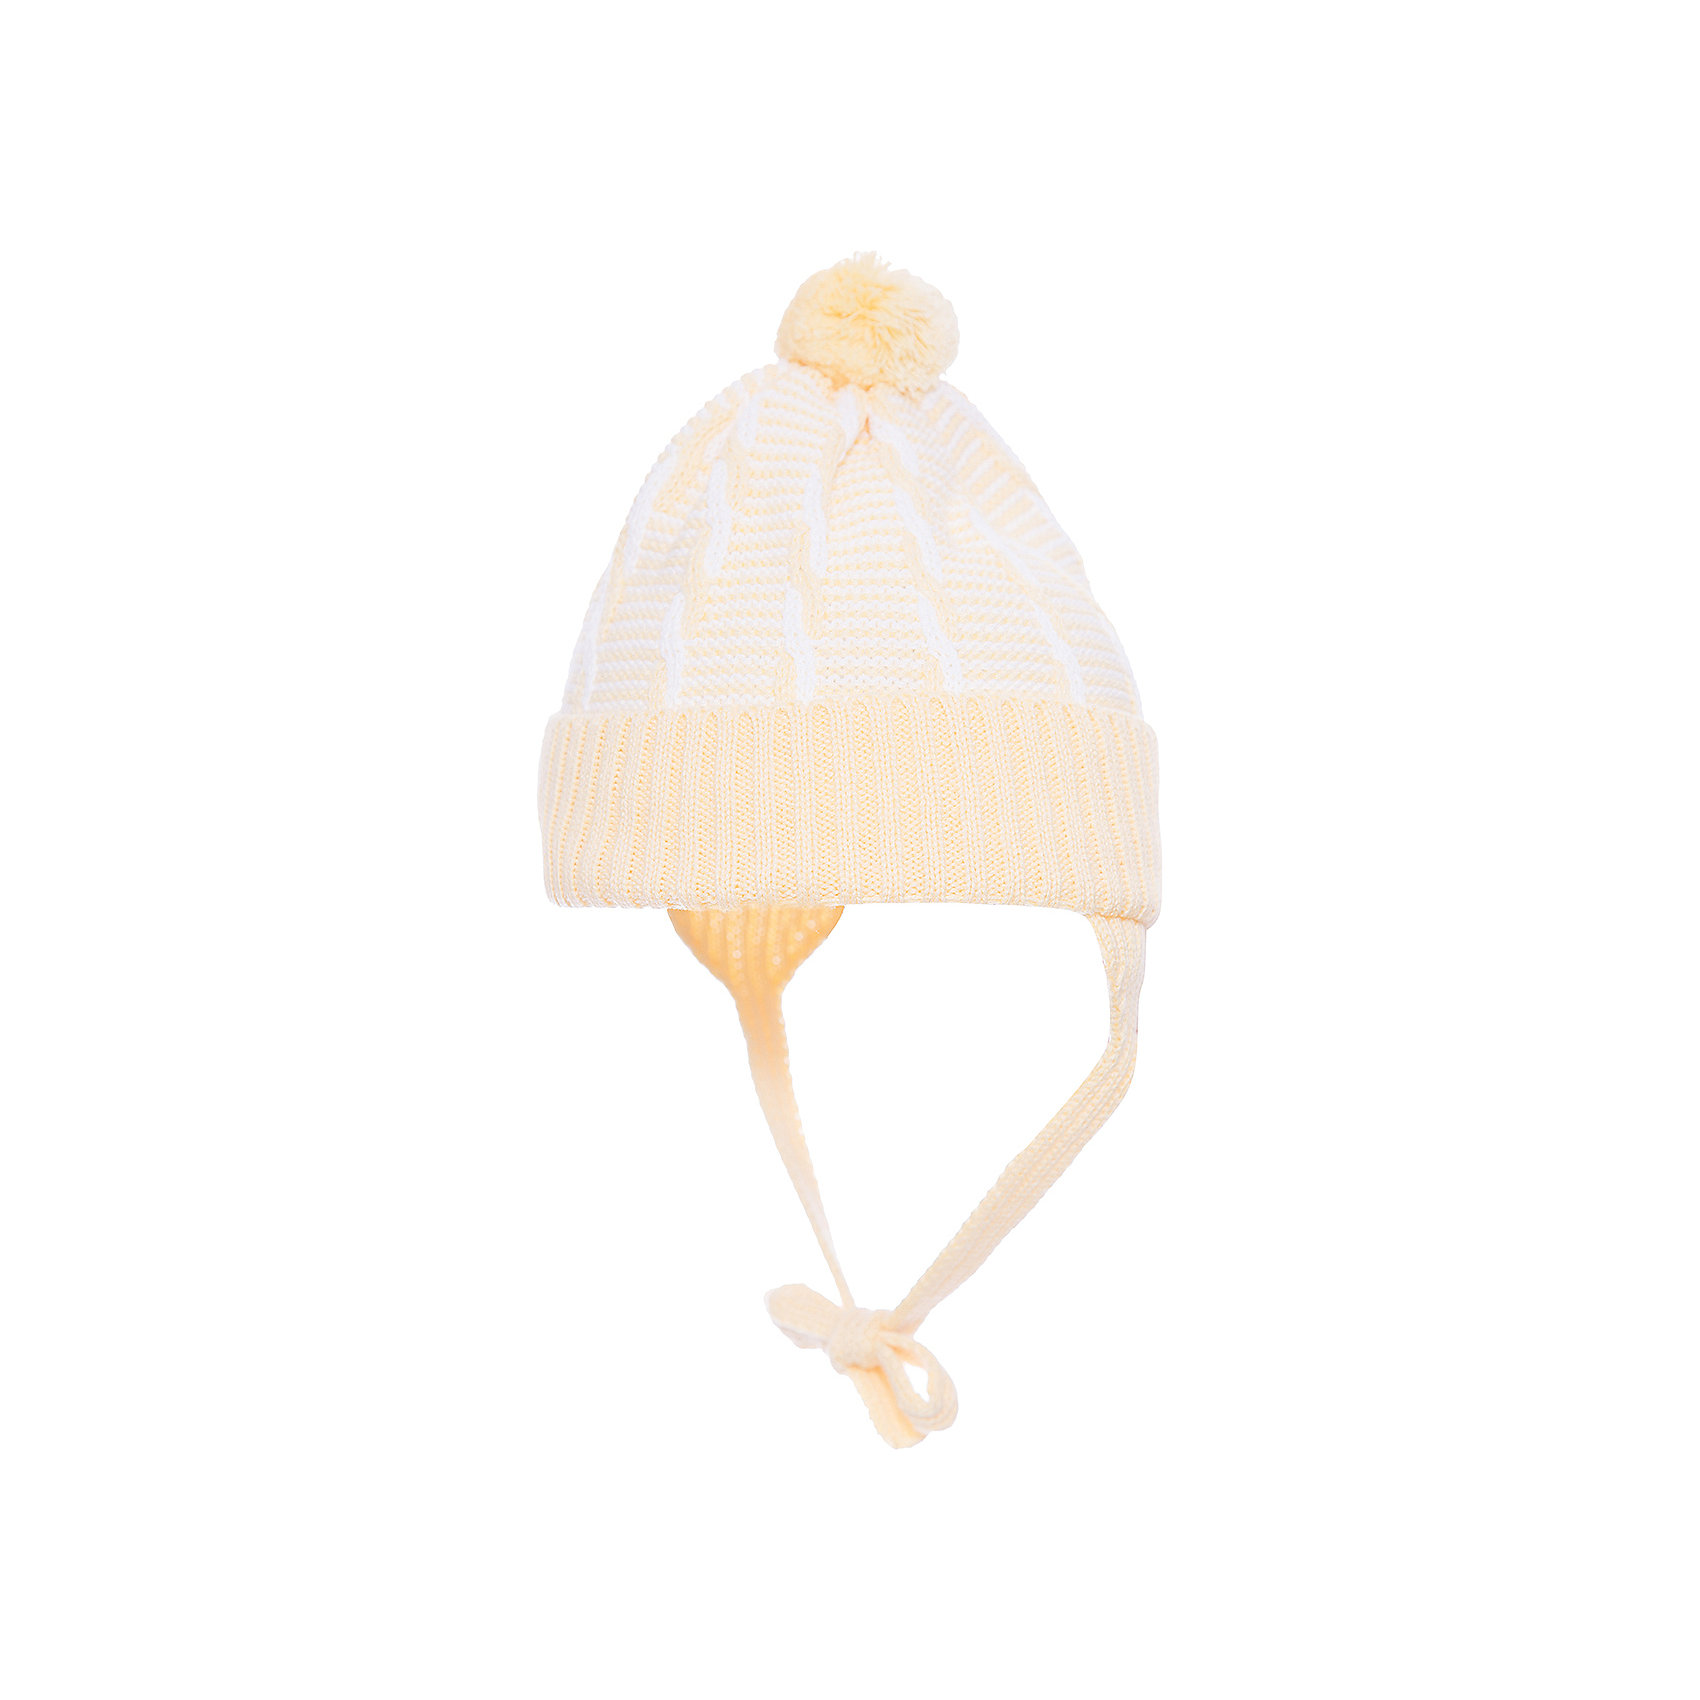 Шапка АртельШапка от торговой марки Артель <br><br>Мягкая теплая шапка отлично смотрится на детях и комфортно сидит. Изделие выполнено из качественных материалов.<br>Одежда от бренда Артель – это высокое качество по приемлемой цене и всегда продуманный дизайн. <br><br>Особенности модели: <br>- цвет — желтый; <br>- украшена помпоном;<br>- есть завязки; <br>- натуральный хлопок с добавкой пана. <br><br>Дополнительная информация: <br><br>Состав: 50% хлопок, 50% пан.<br><br><br>Температурный режим: <br>от -10 °C до +10 °C <br><br>Шапку Артель (Artel) можно купить в нашем магазине.<br><br>Ширина мм: 89<br>Глубина мм: 117<br>Высота мм: 44<br>Вес г: 155<br>Цвет: желтый<br>Возраст от месяцев: 60<br>Возраст до месяцев: 72<br>Пол: Женский<br>Возраст: Детский<br>Размер: 52,48,50,46,44<br>SKU: 4500605